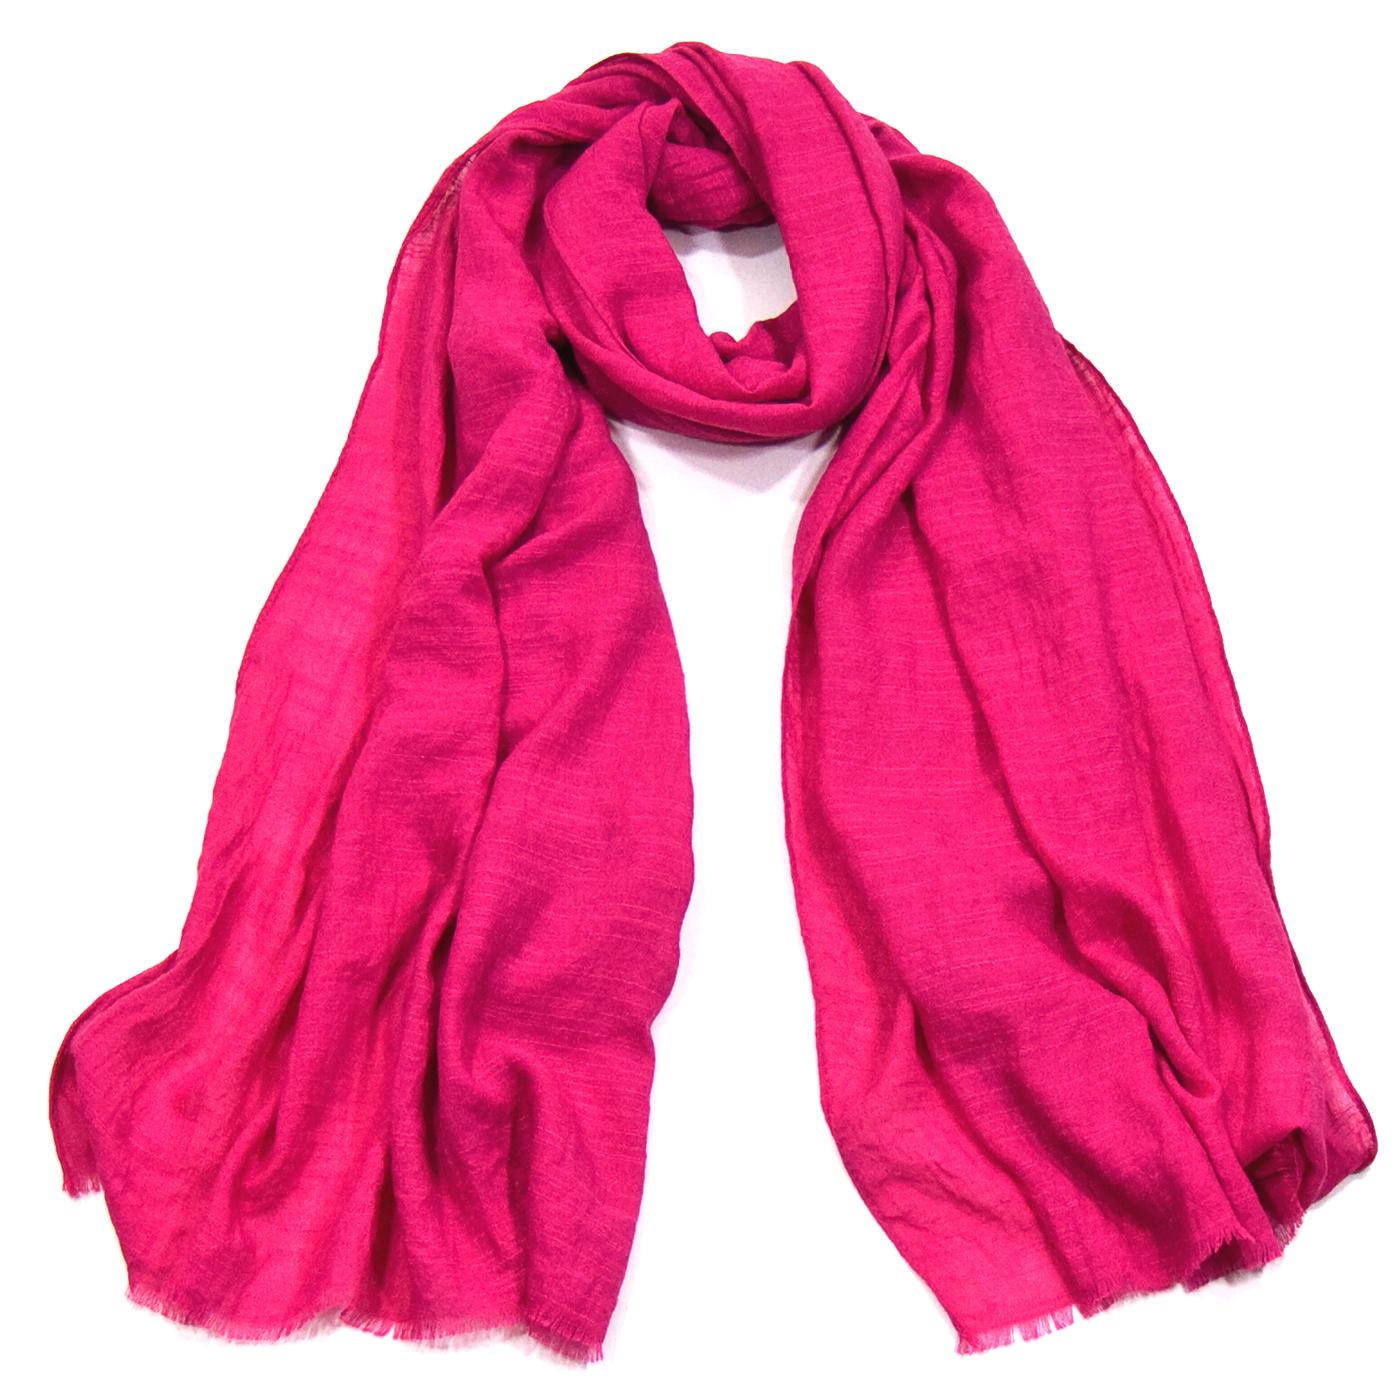 300a2215c14c3 Foulard rose echarpe femme tendance   Distrivet